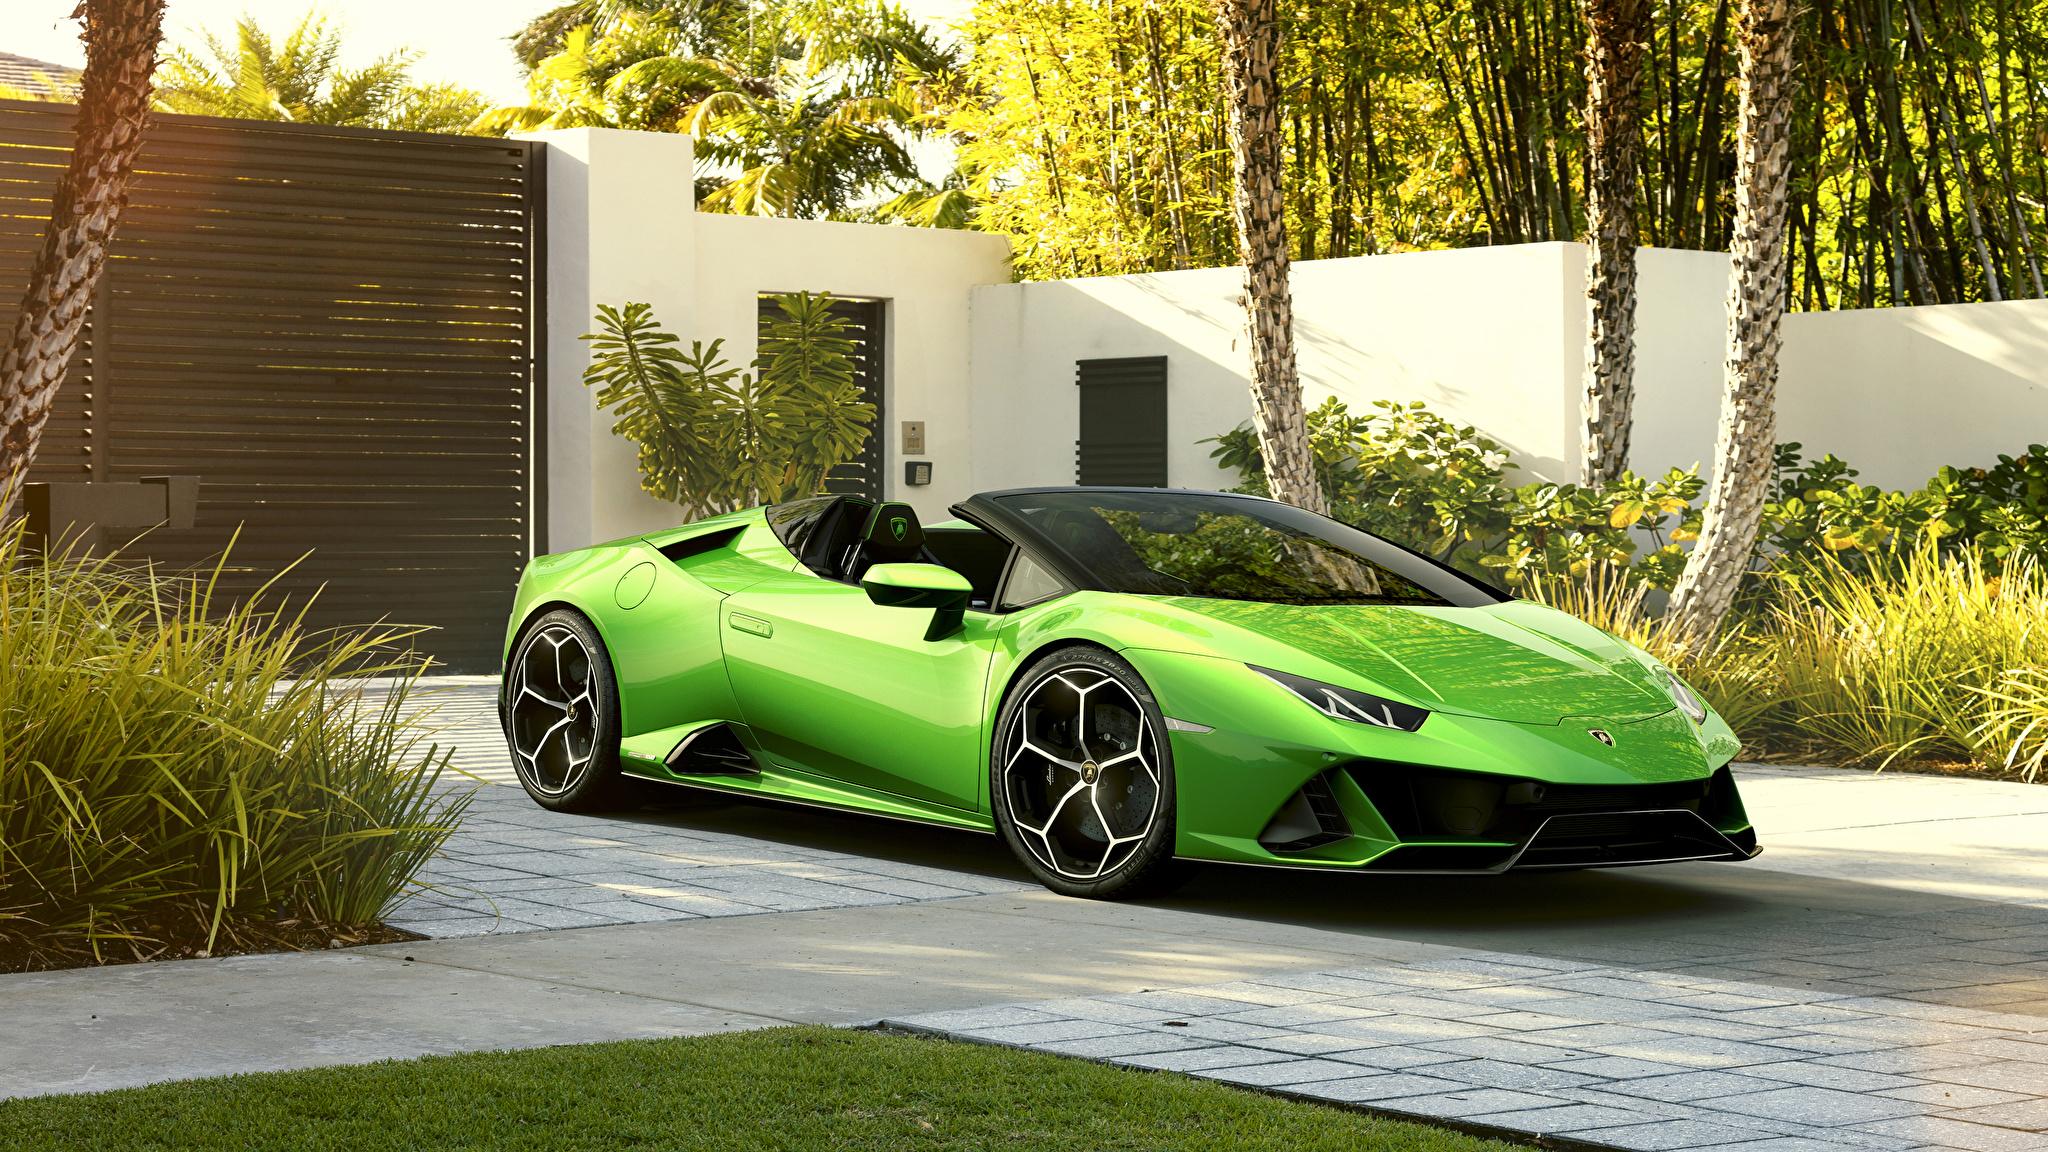 Фотографии Lamborghini 2019 Huracan EVO Spyder Родстер Салатовый Авто Металлик 2048x1152 Ламборгини Машины Автомобили